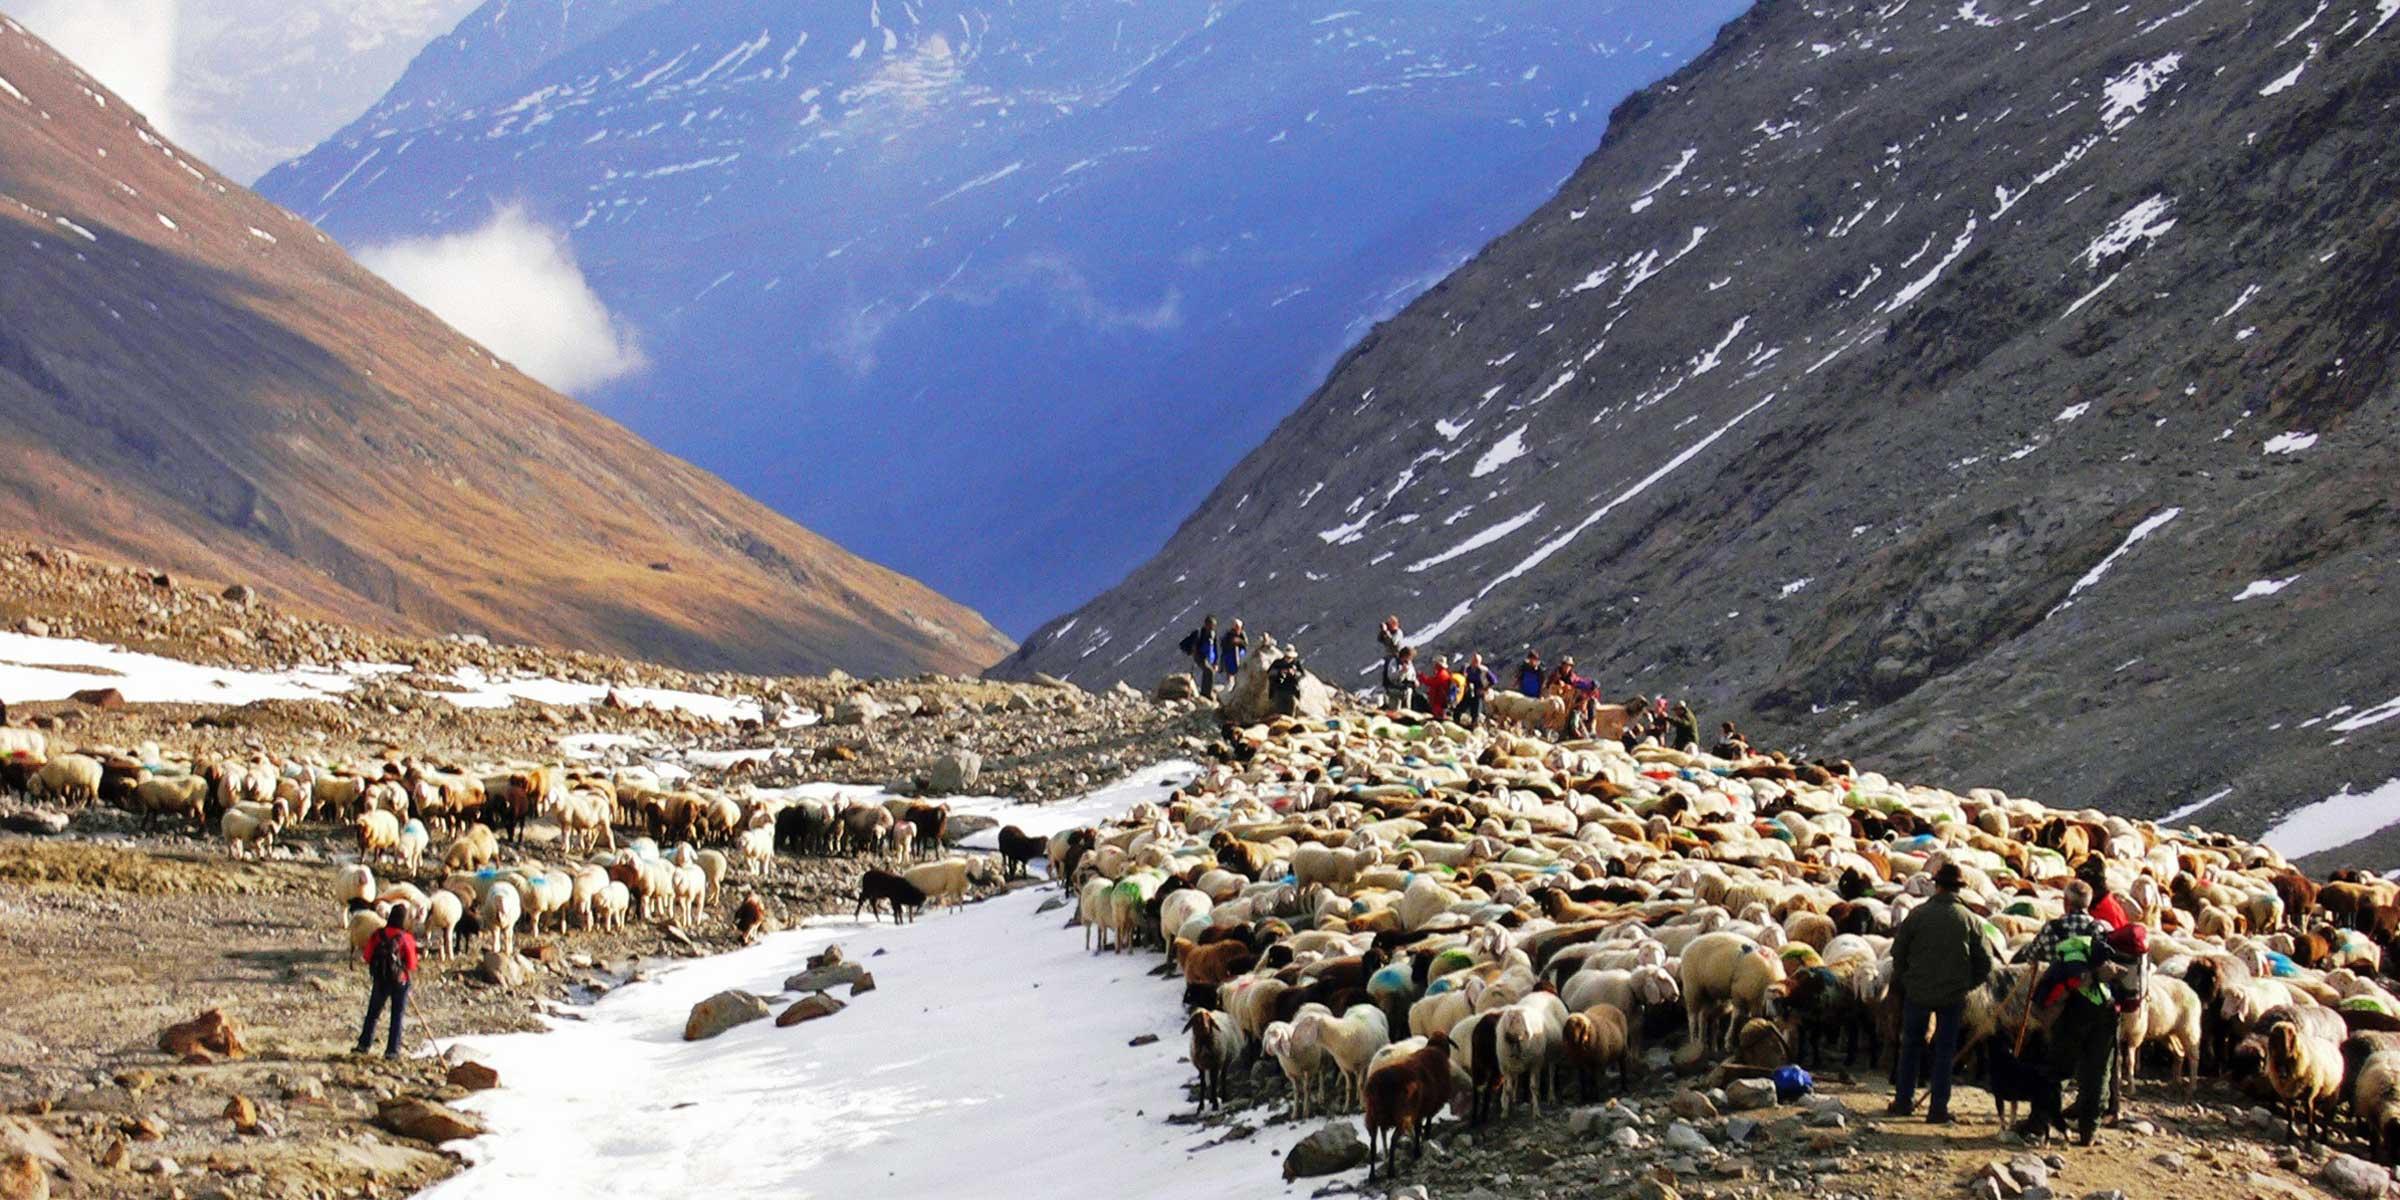 Eine Herde weißer, brauner und schwarzer Schafe - Schafüberttrieb Vent, Ötztal